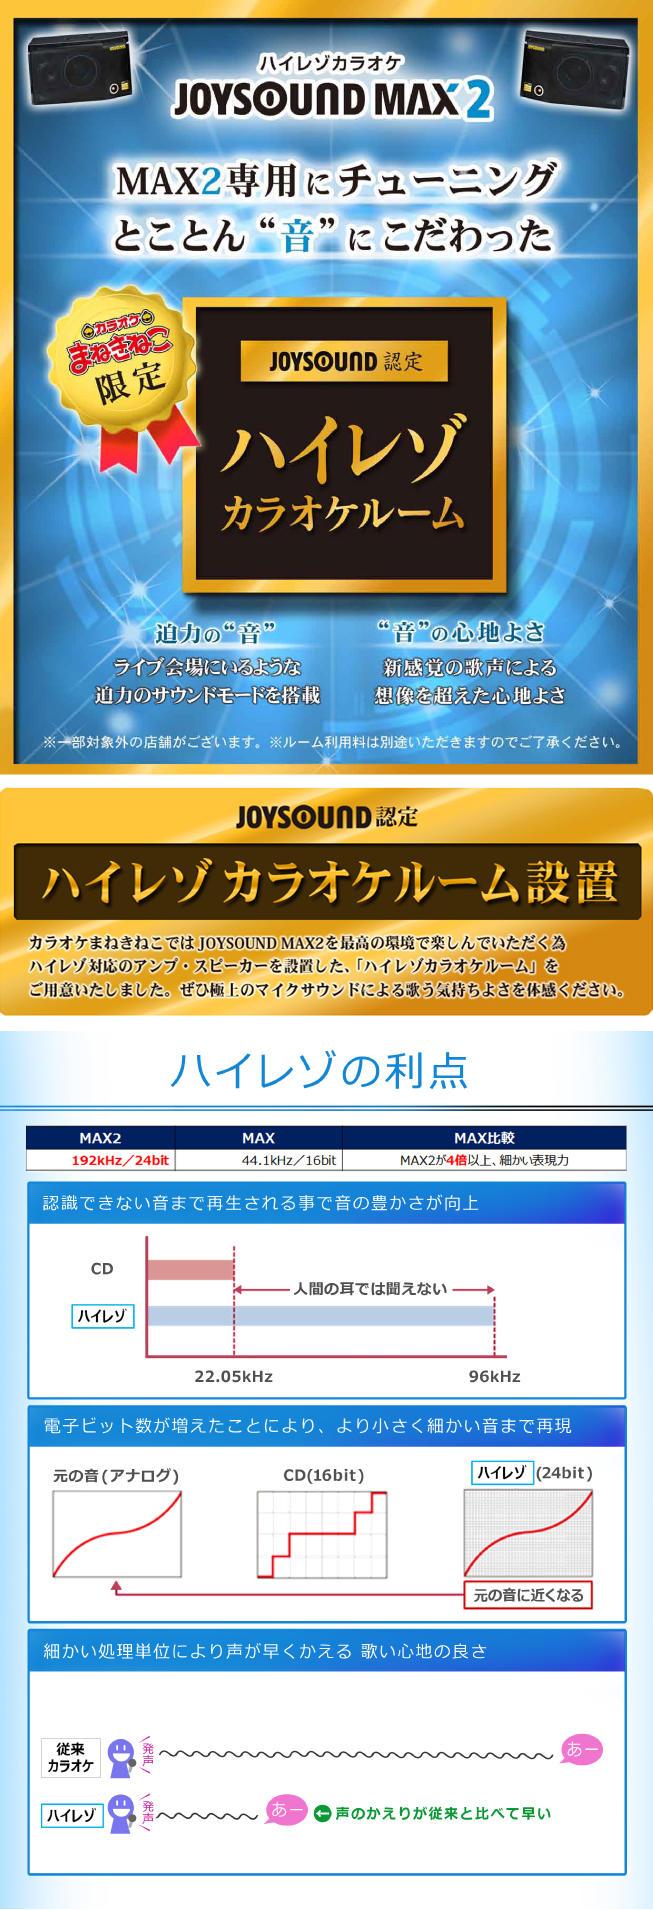 カラオケまねきねこの【まねきねこ限定!】ハイレゾルーム始動!!のキャンペーン・フェアの詳細